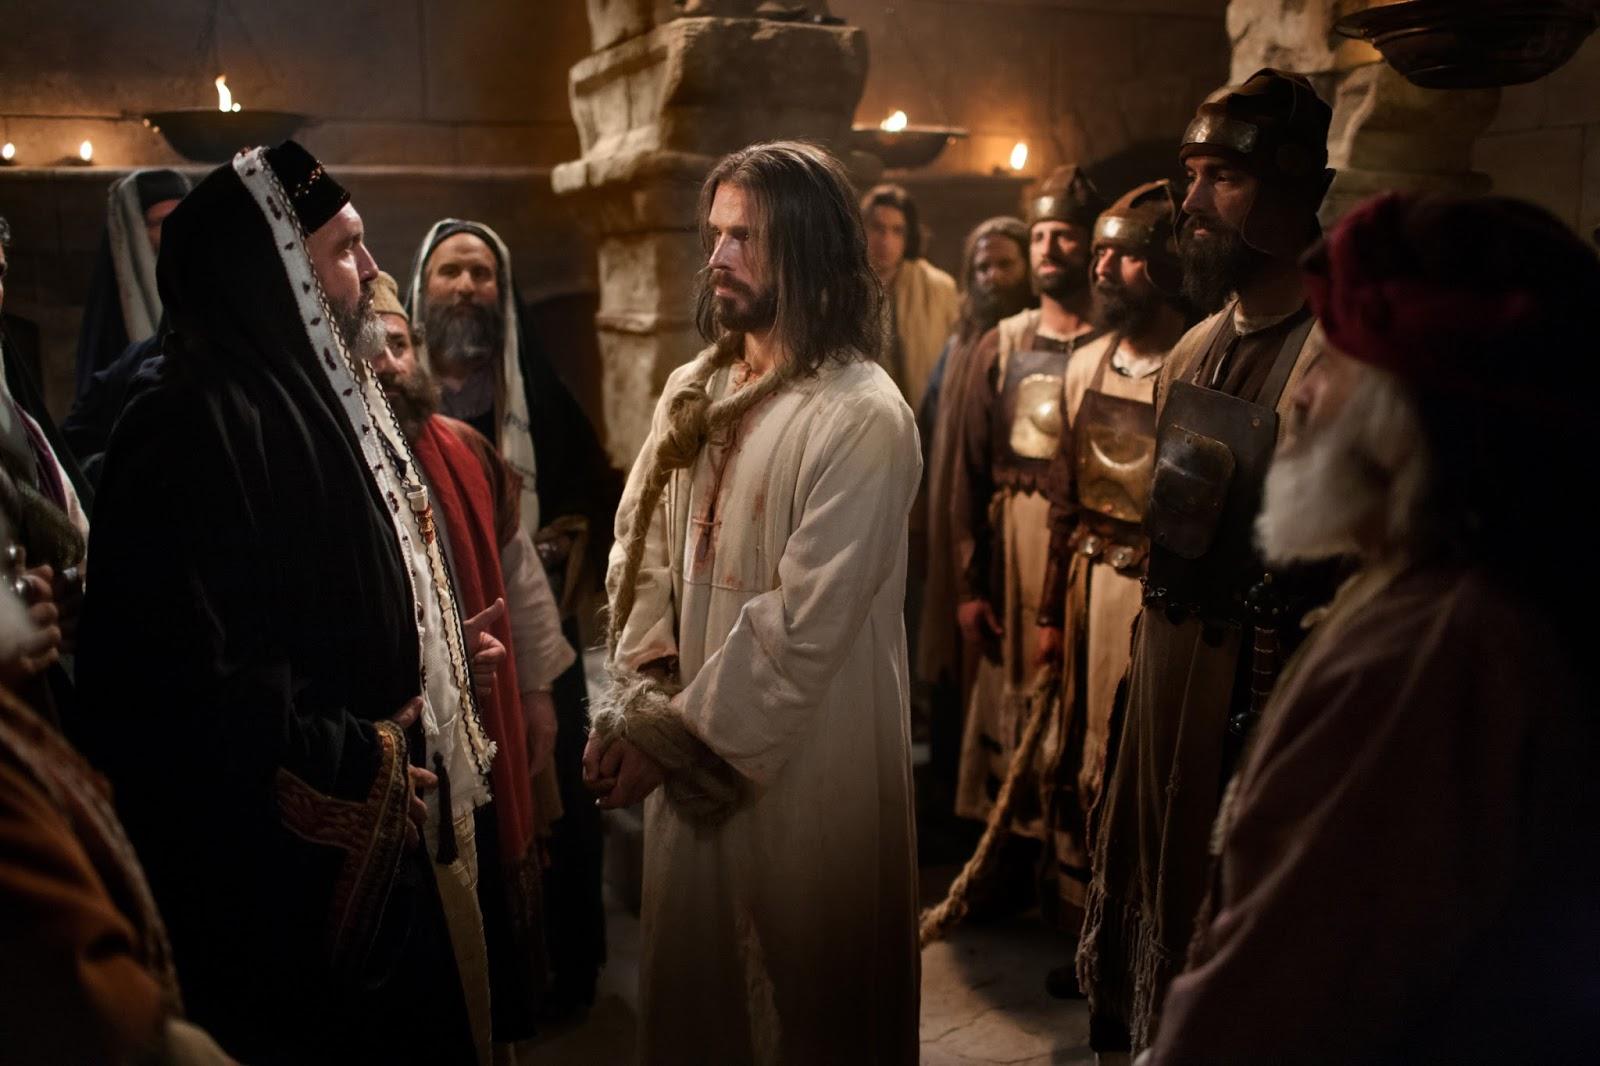 Cena de Jesus sendo julgado pelo sinédrio